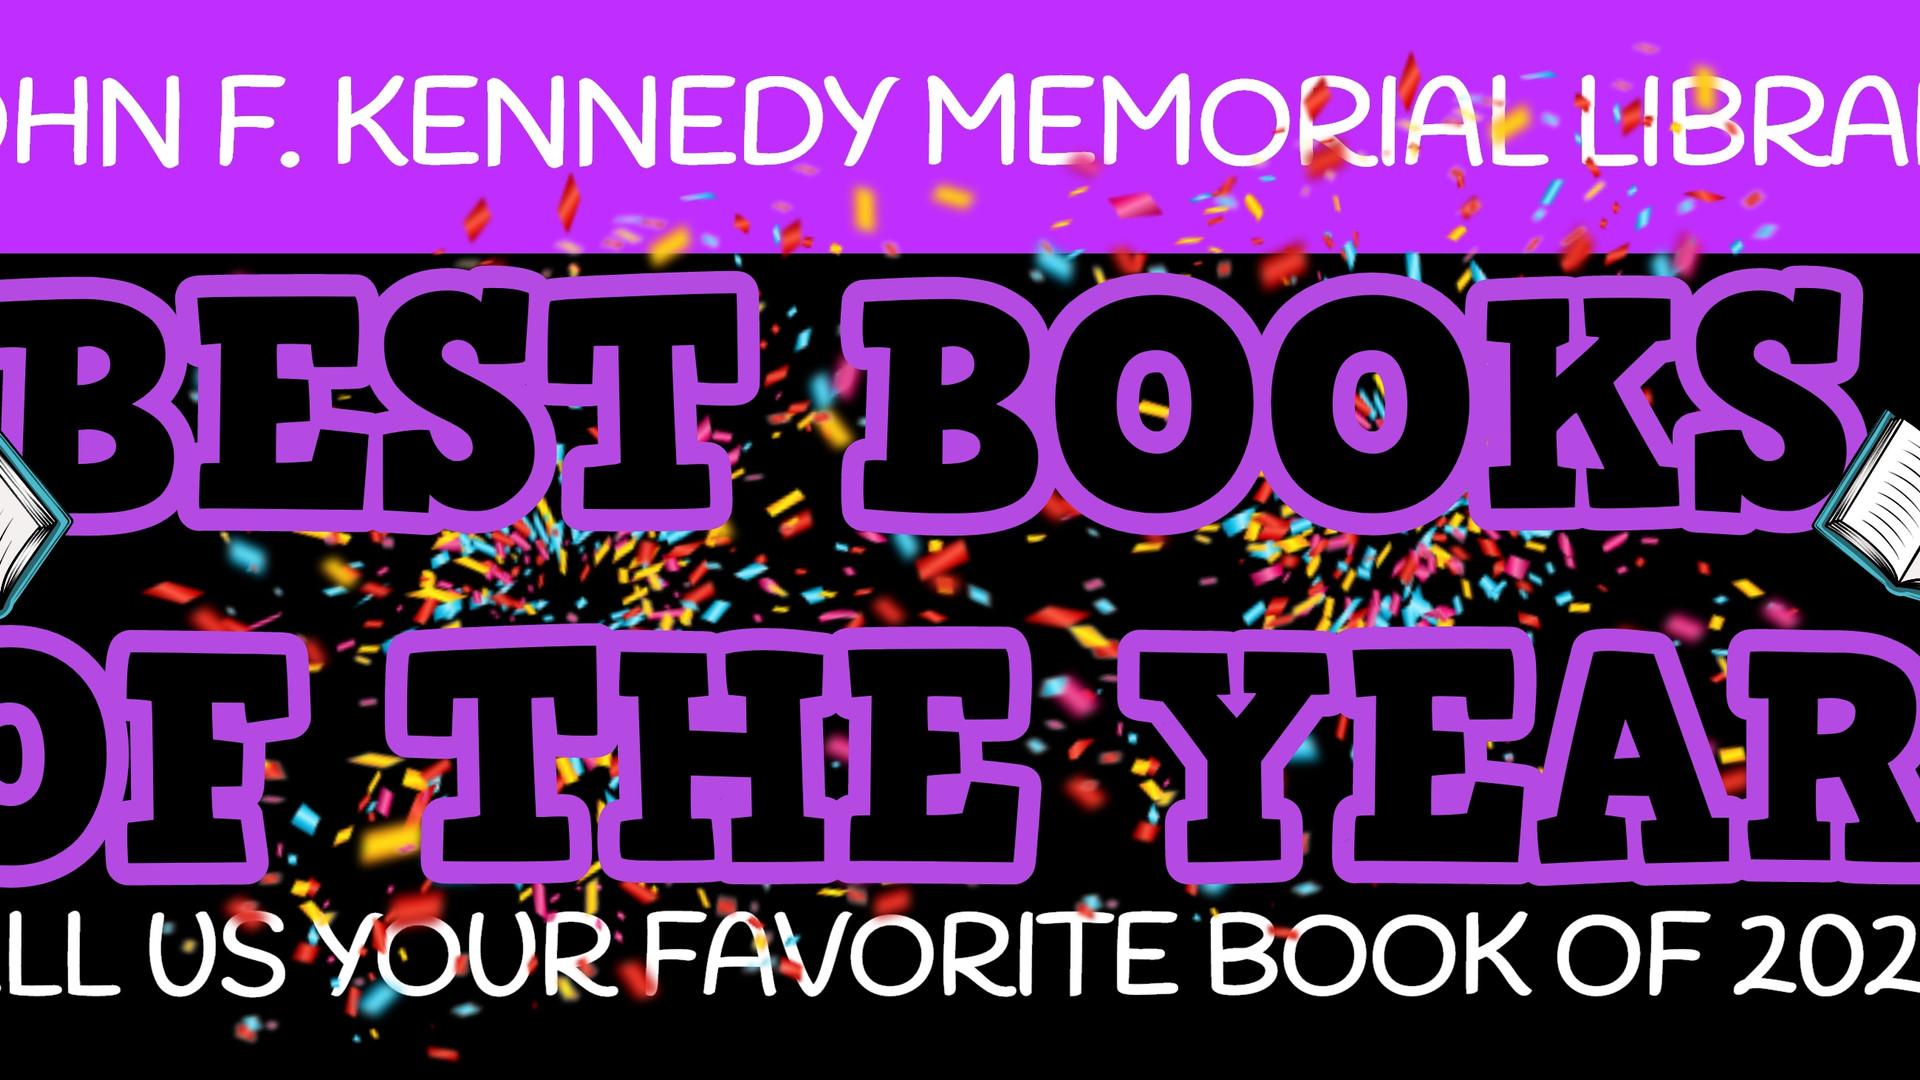 bestbooks20204KH.jpg